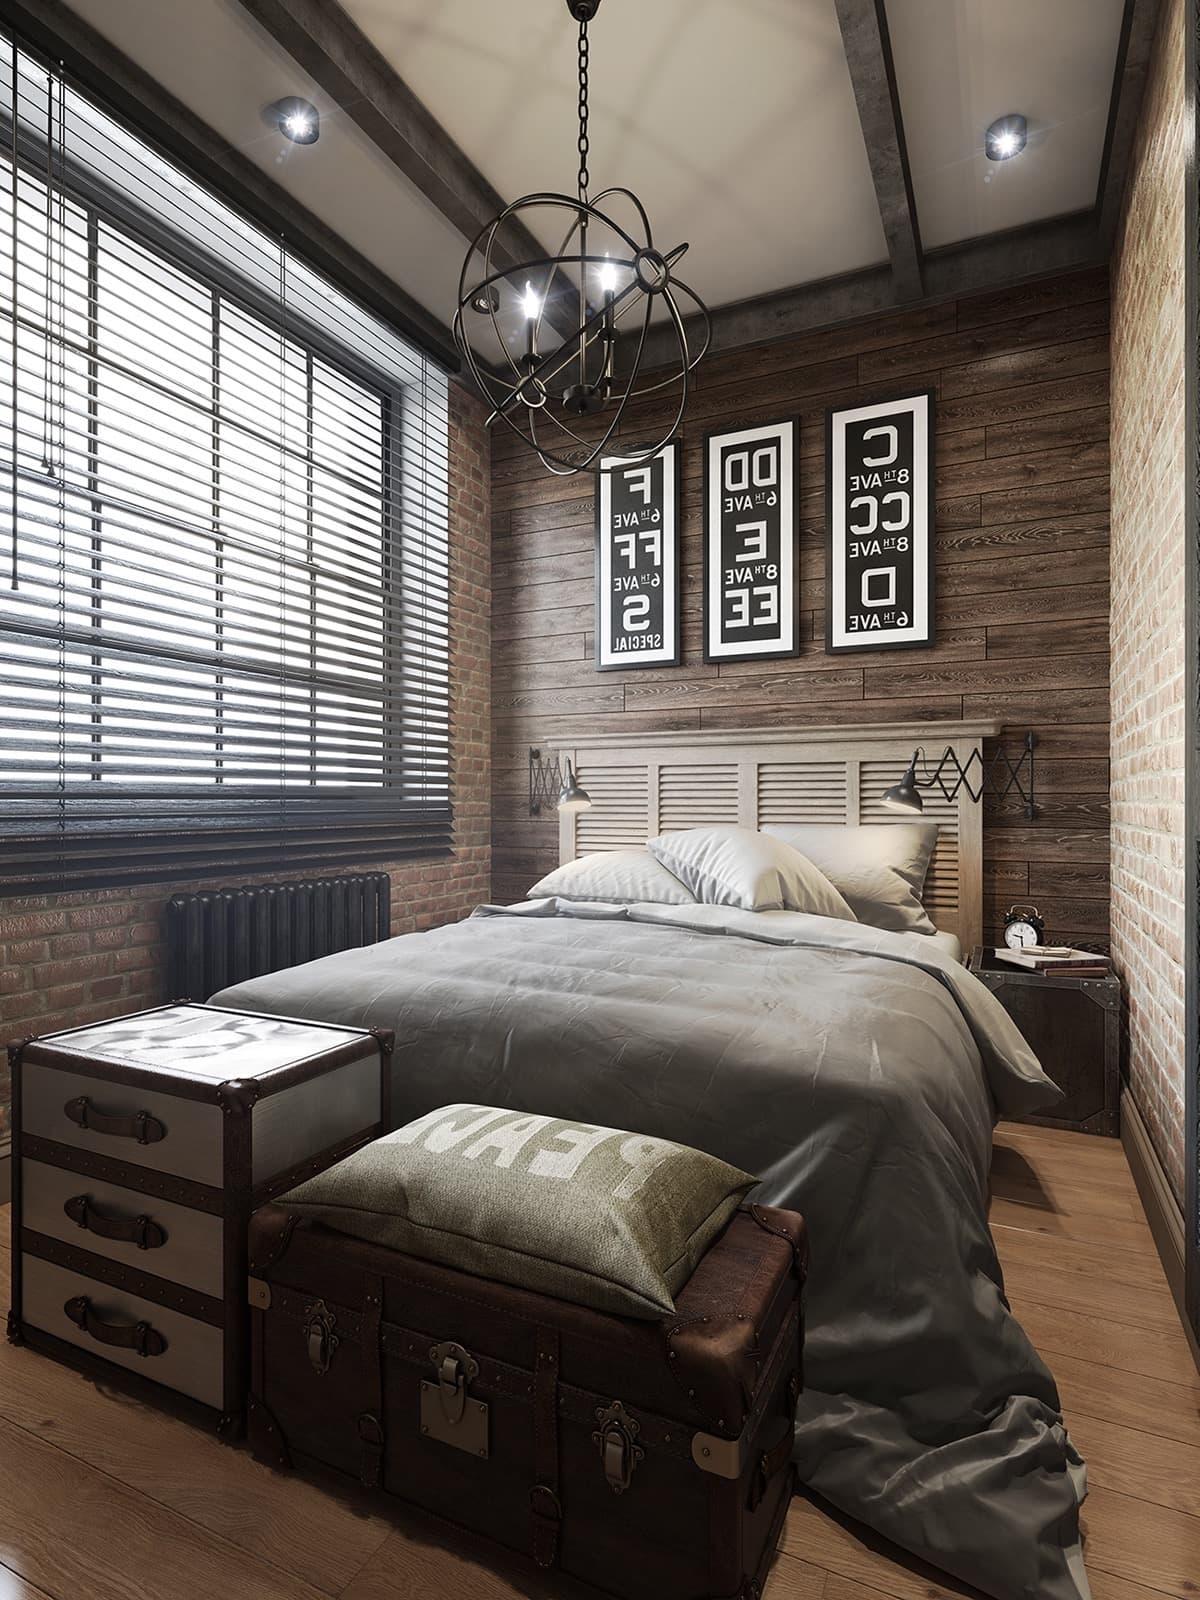 Chambre confortable avec de hauts plafonds